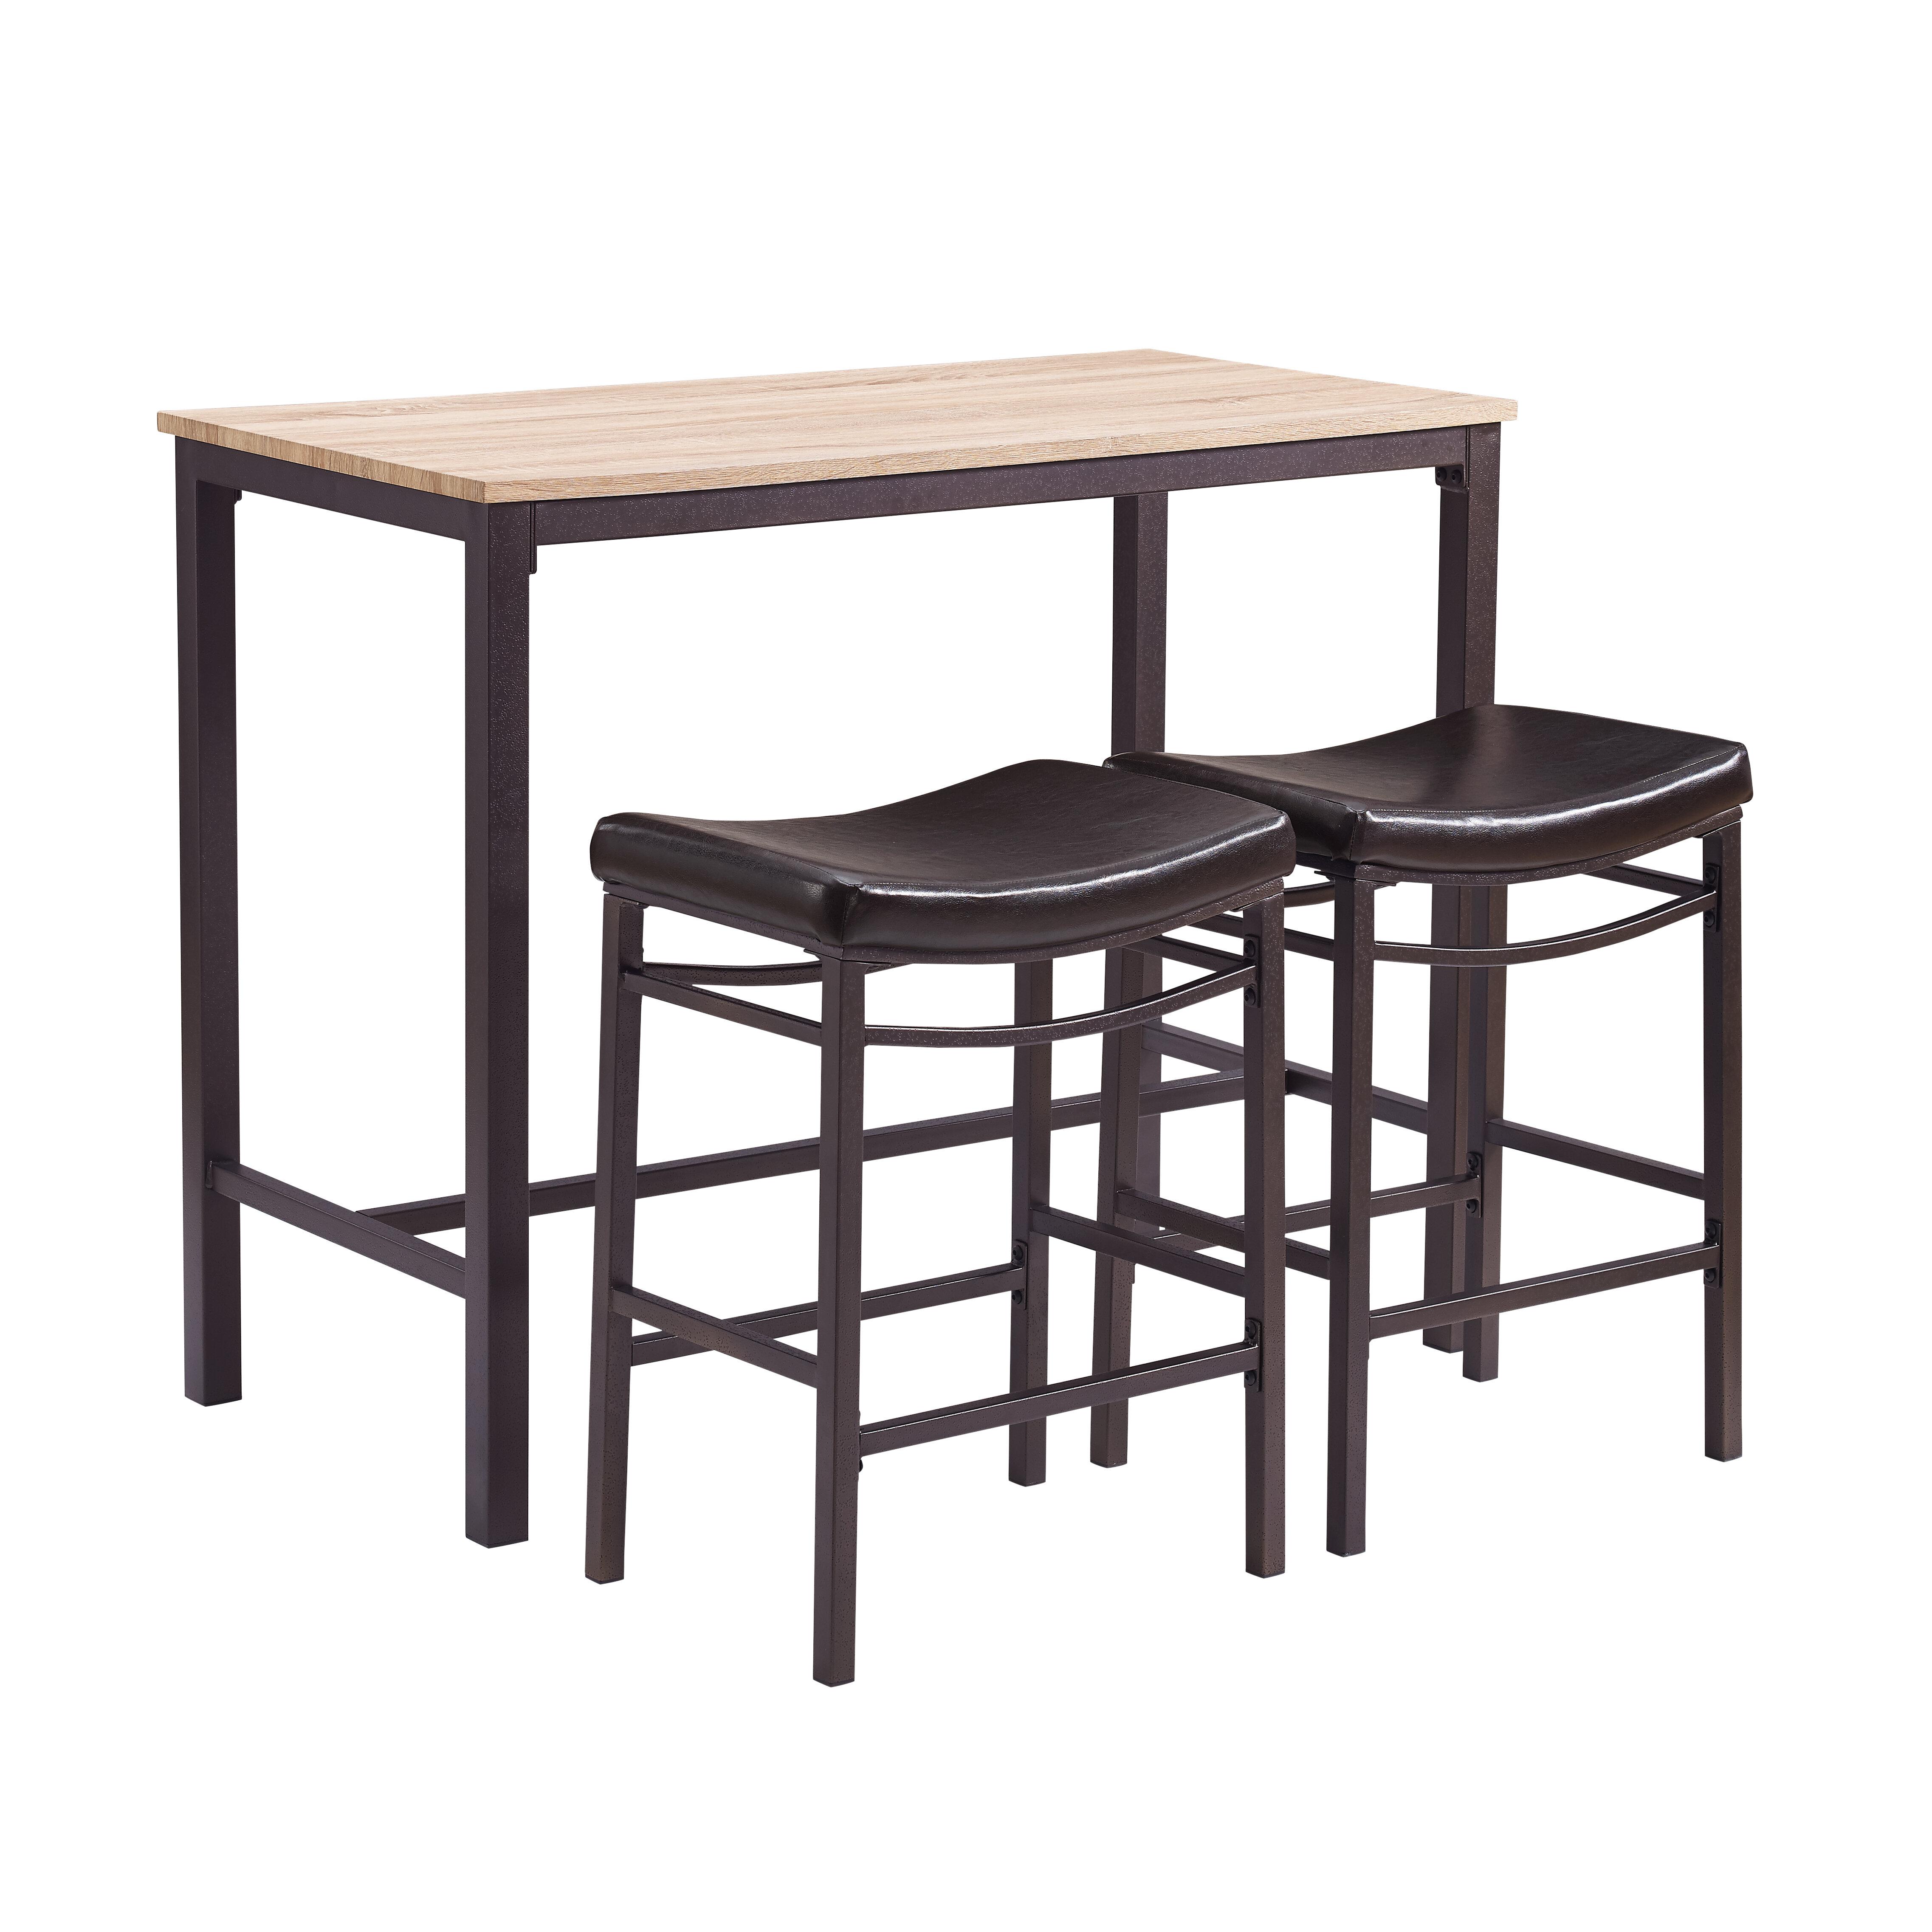 Bezons 3 Piece Pub Table Set Reviews Allmodern